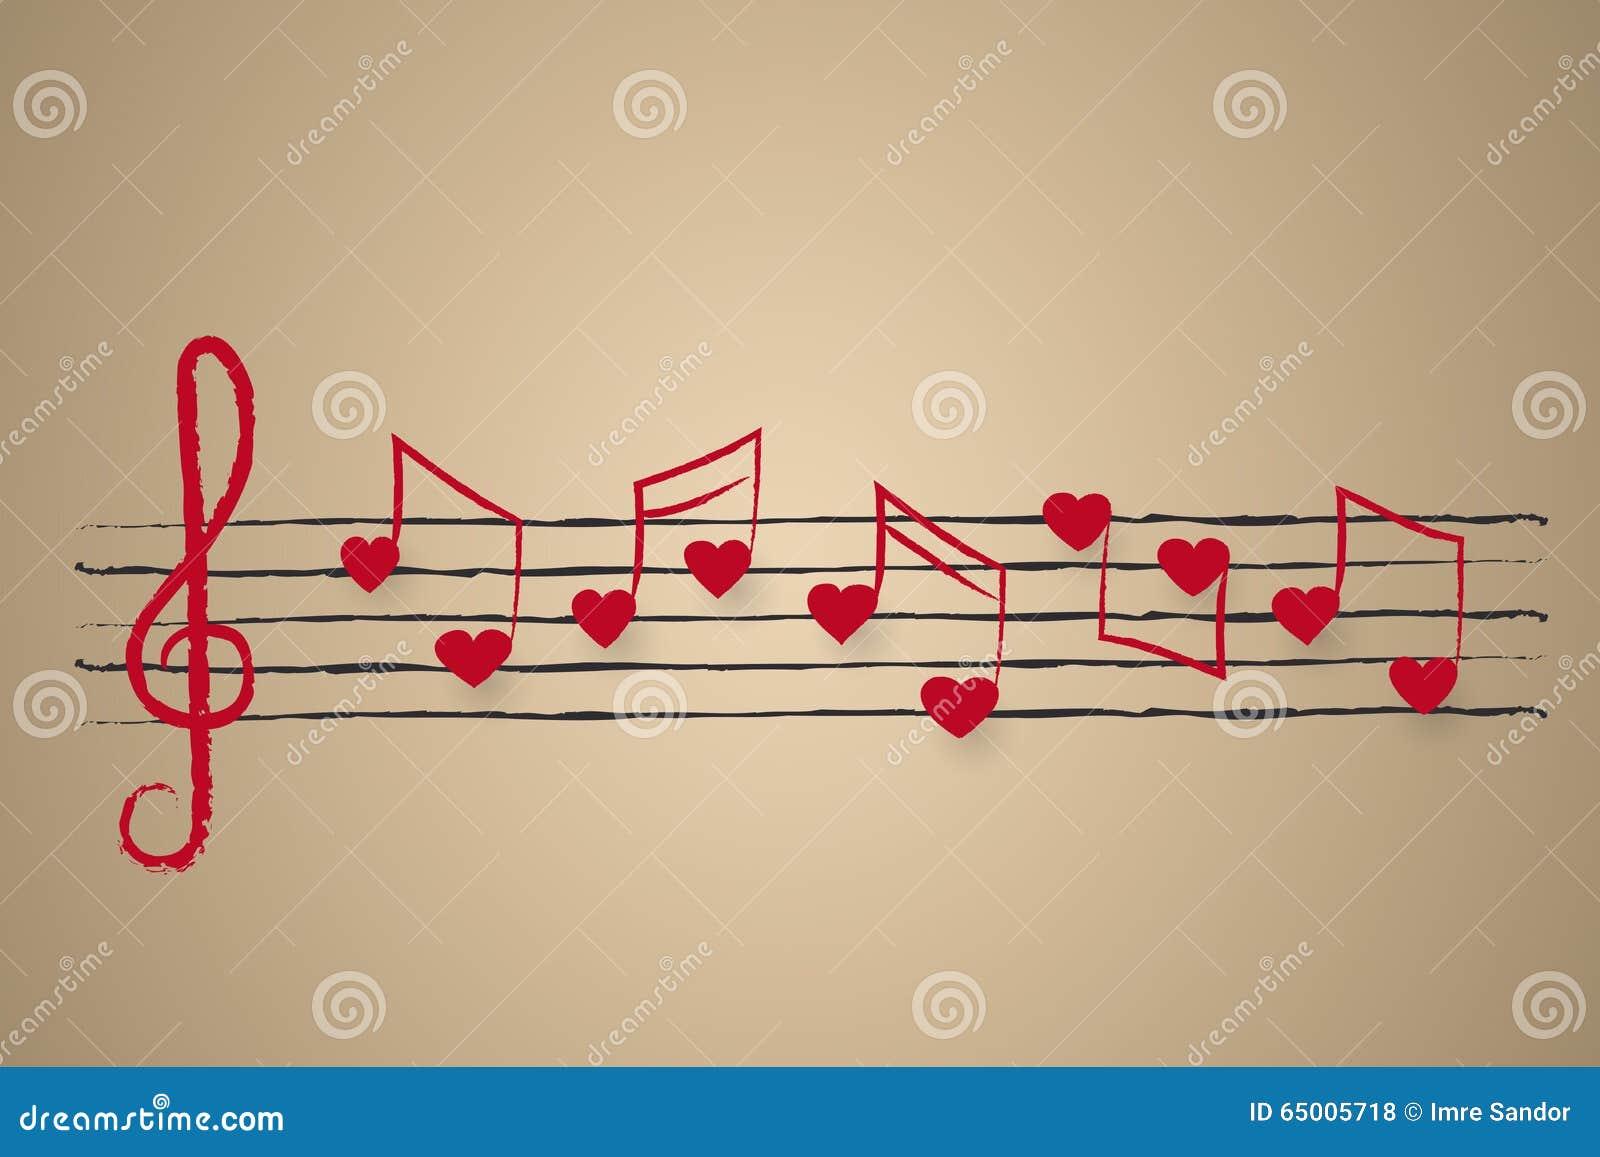 Partitura Con Las Notas Musicales En Forma De Corazón Stock De